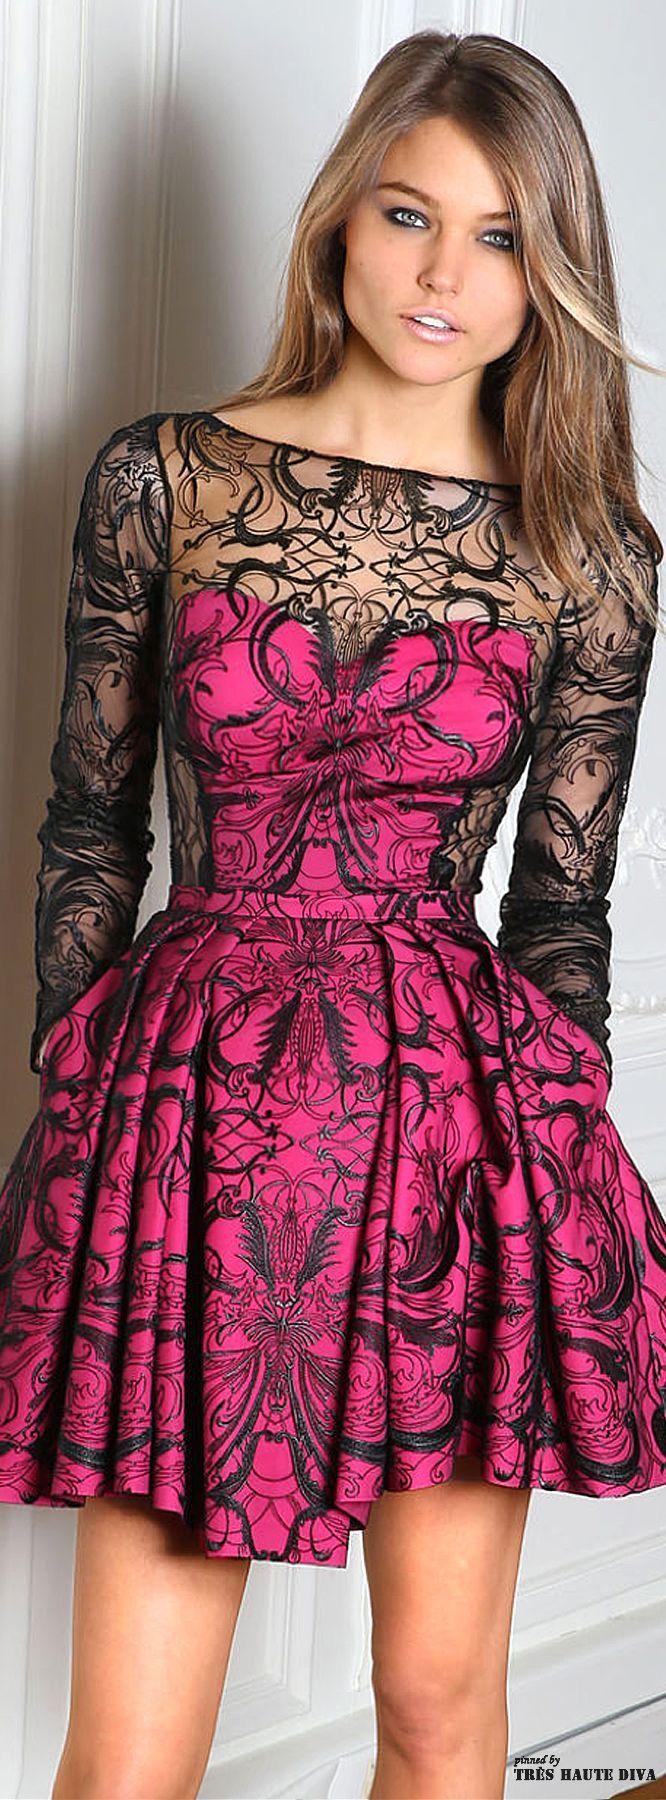 Mejores 581 imágenes de Vestidos de ocasión en Pinterest | Vestidos ...